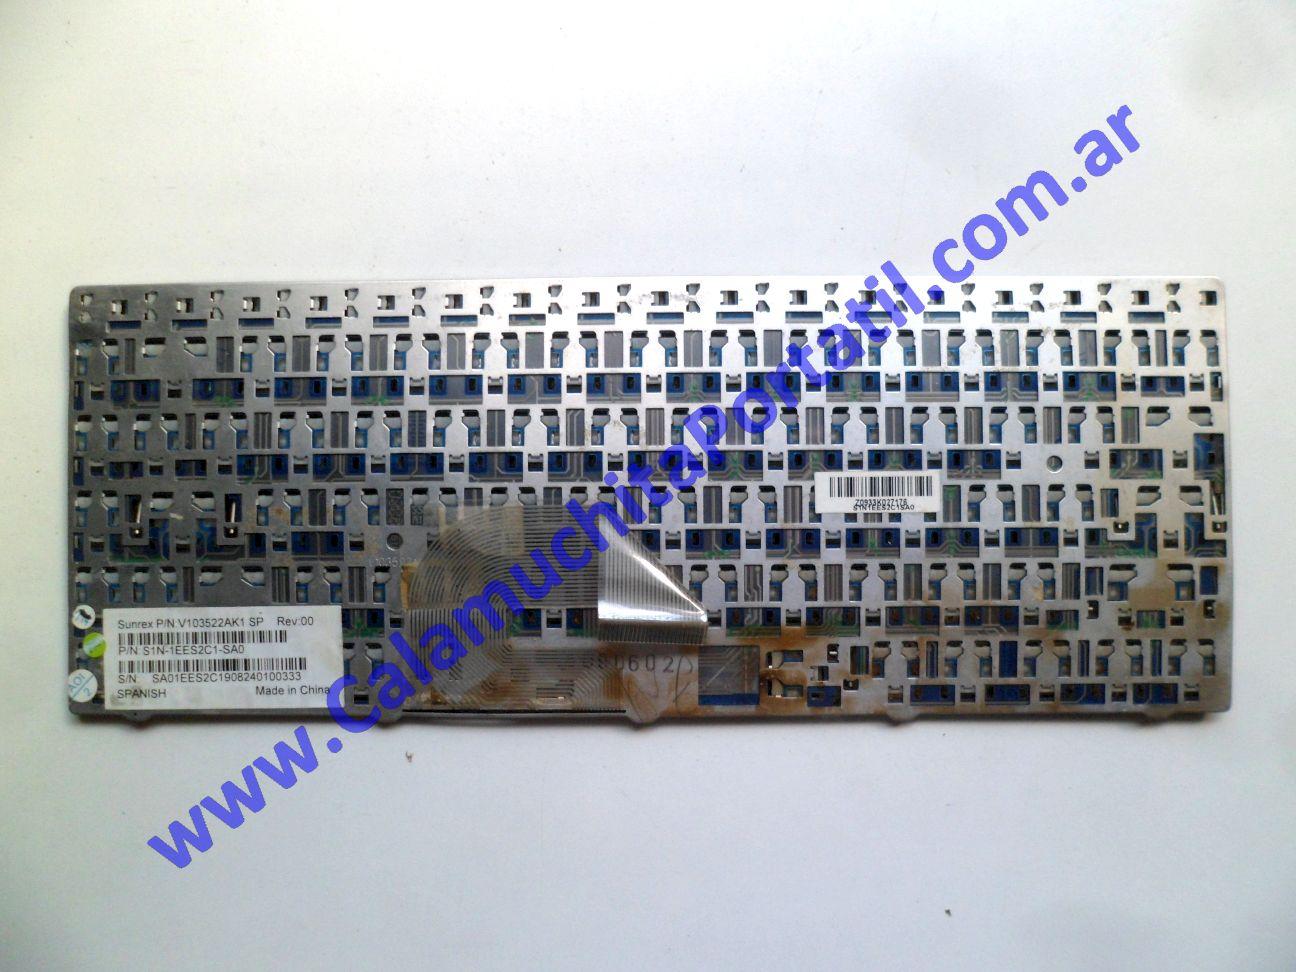 0538KBA Teclado MSI X410-028ES / MS-1461